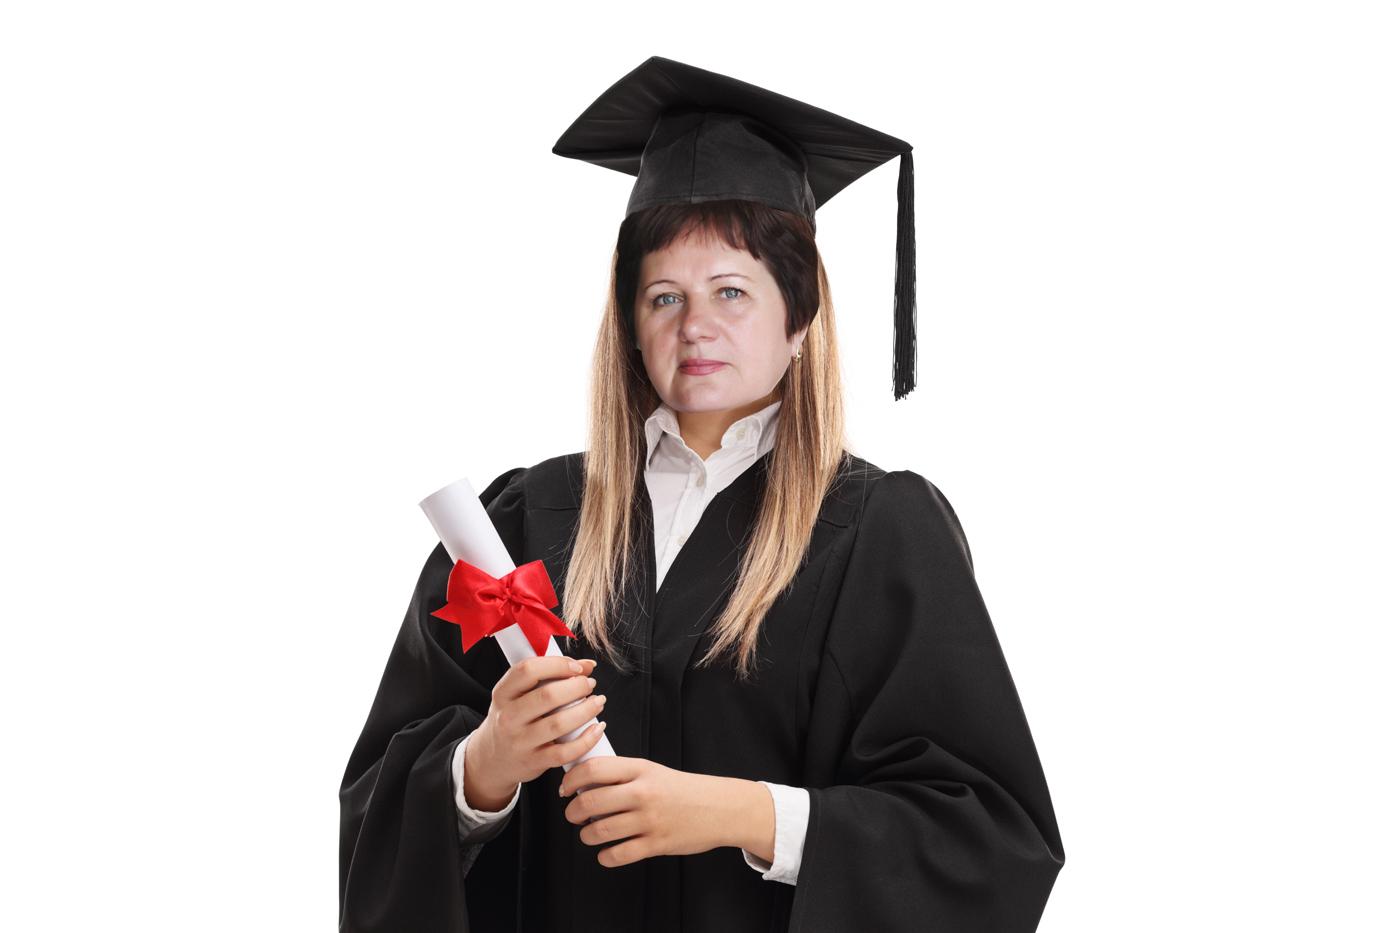 И подпишите: я окончила курсы парикмахерского искусства; я выучила английский; я поступила на второе высшее